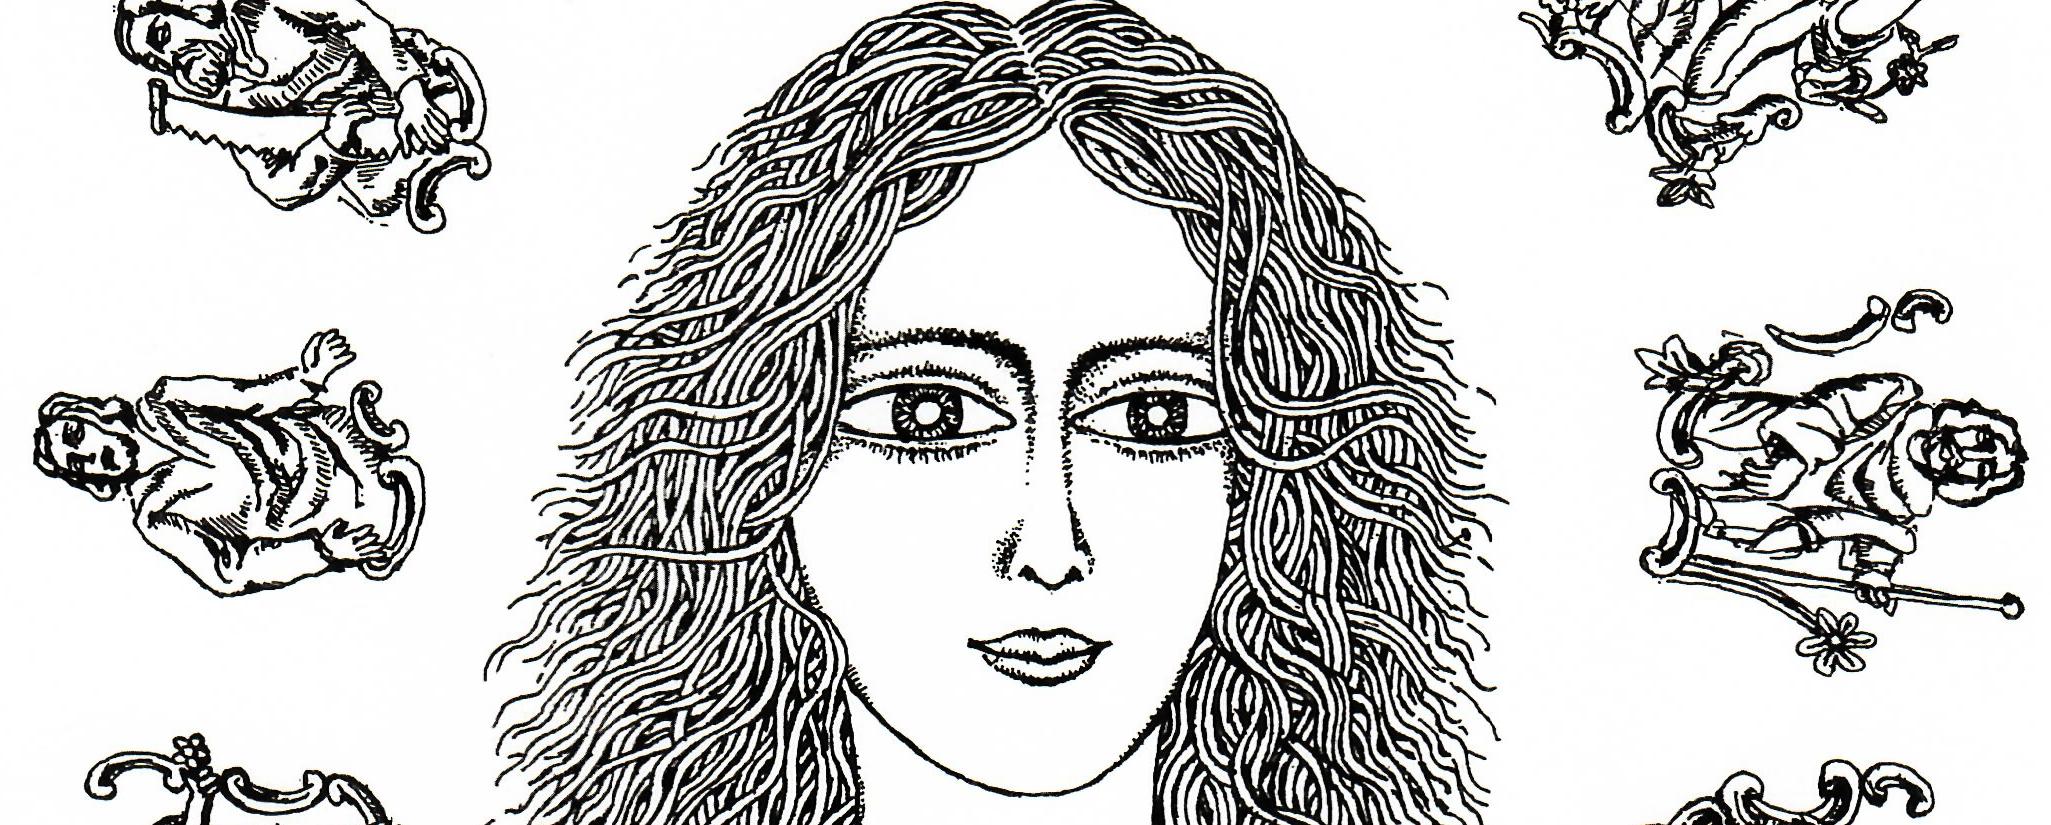 Kresba - ilustrace - grafika